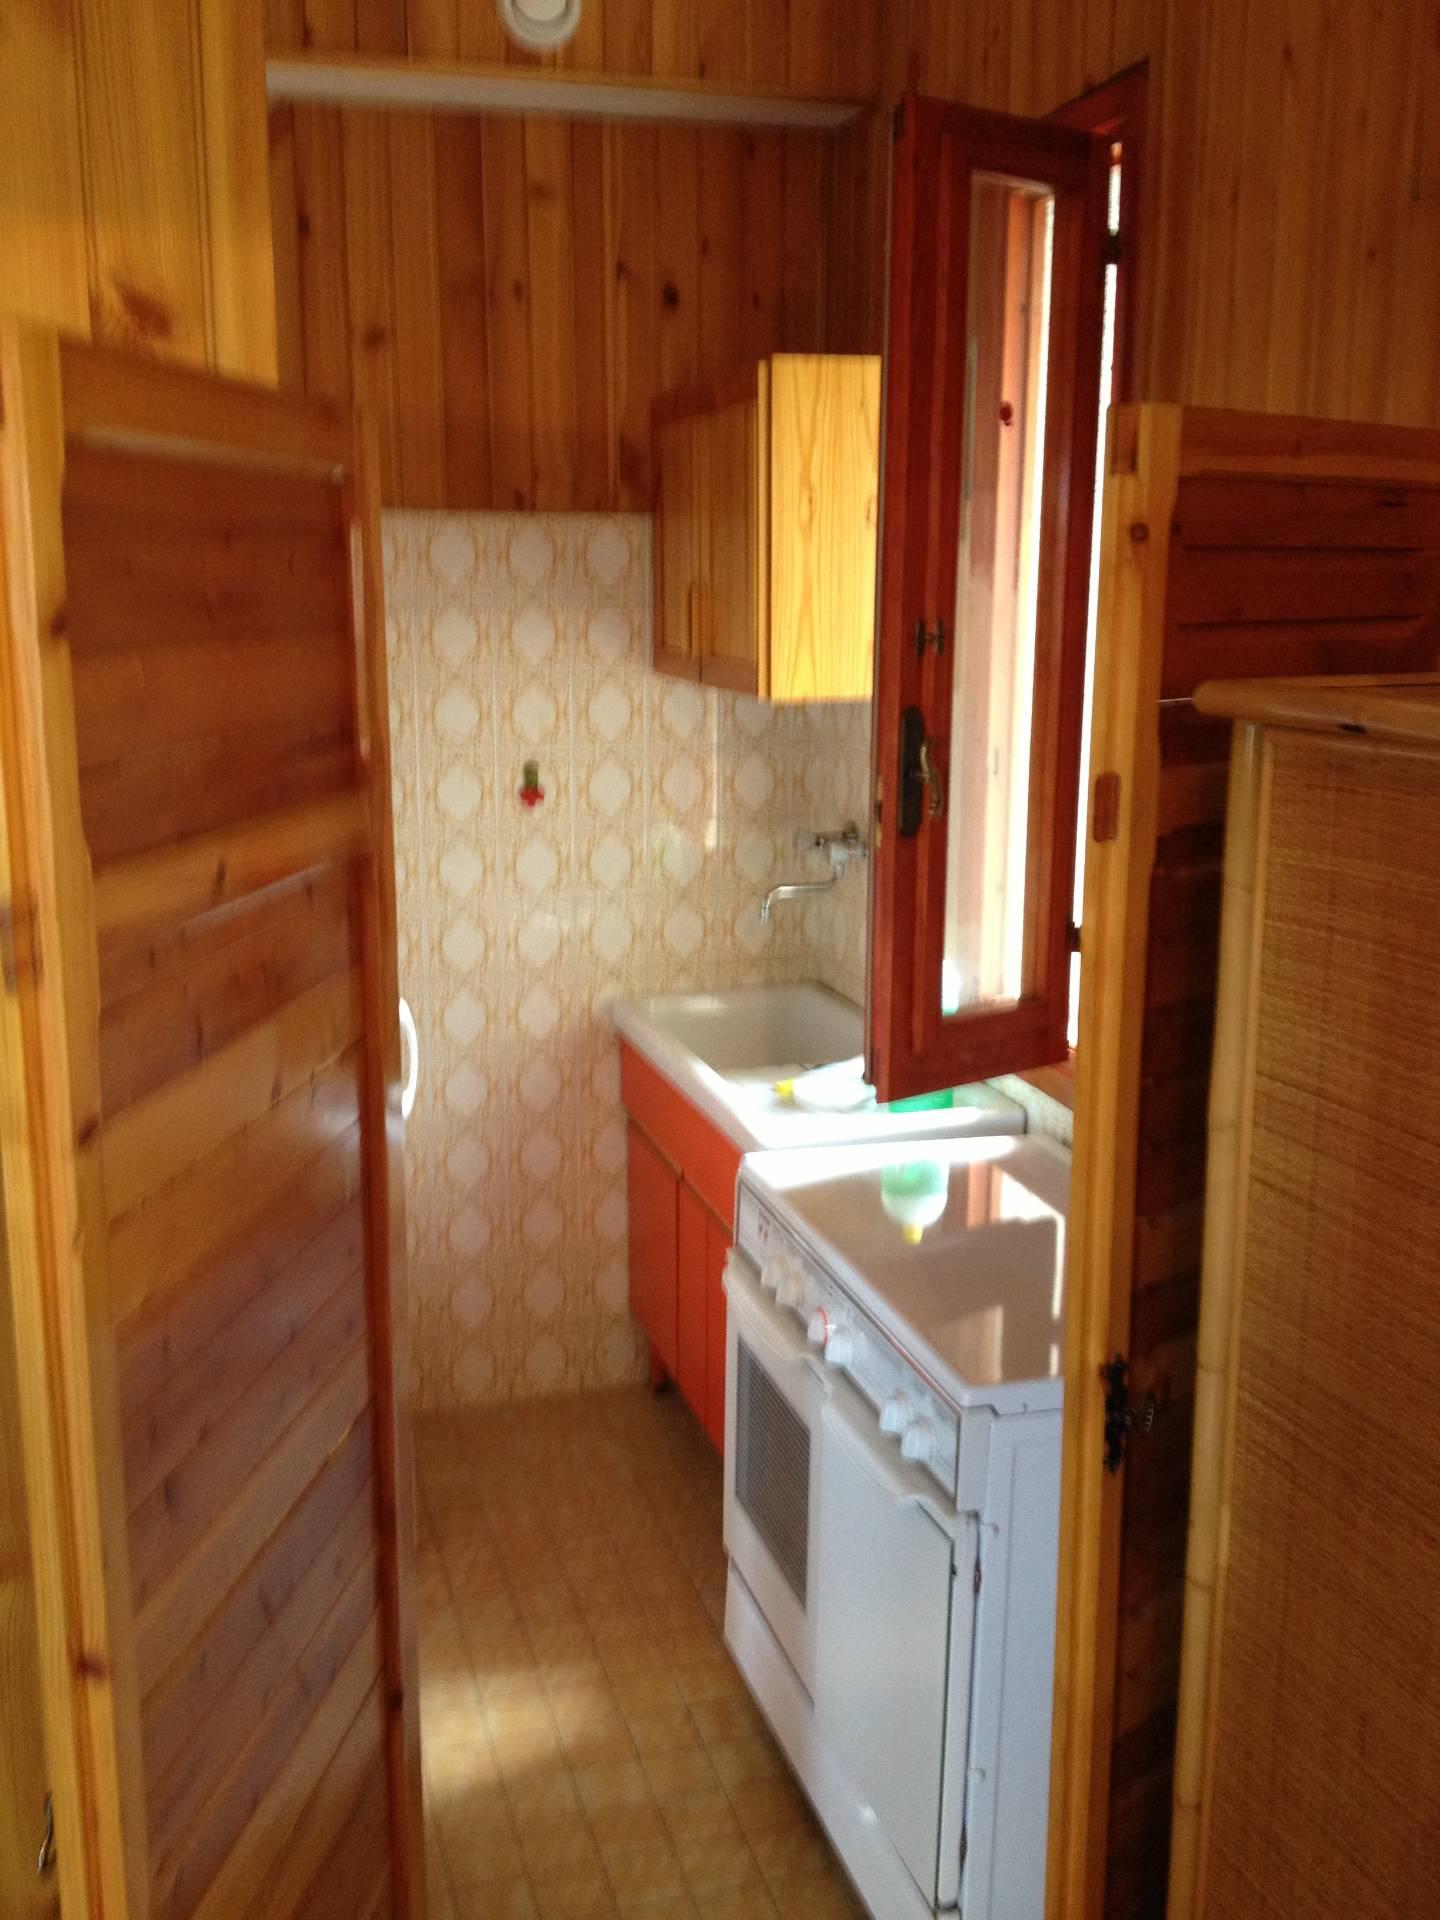 Appartamento in vendita a Pietracamela, 1 locali, zona Località: PratidiTivo, prezzo € 39.000 | PortaleAgenzieImmobiliari.it